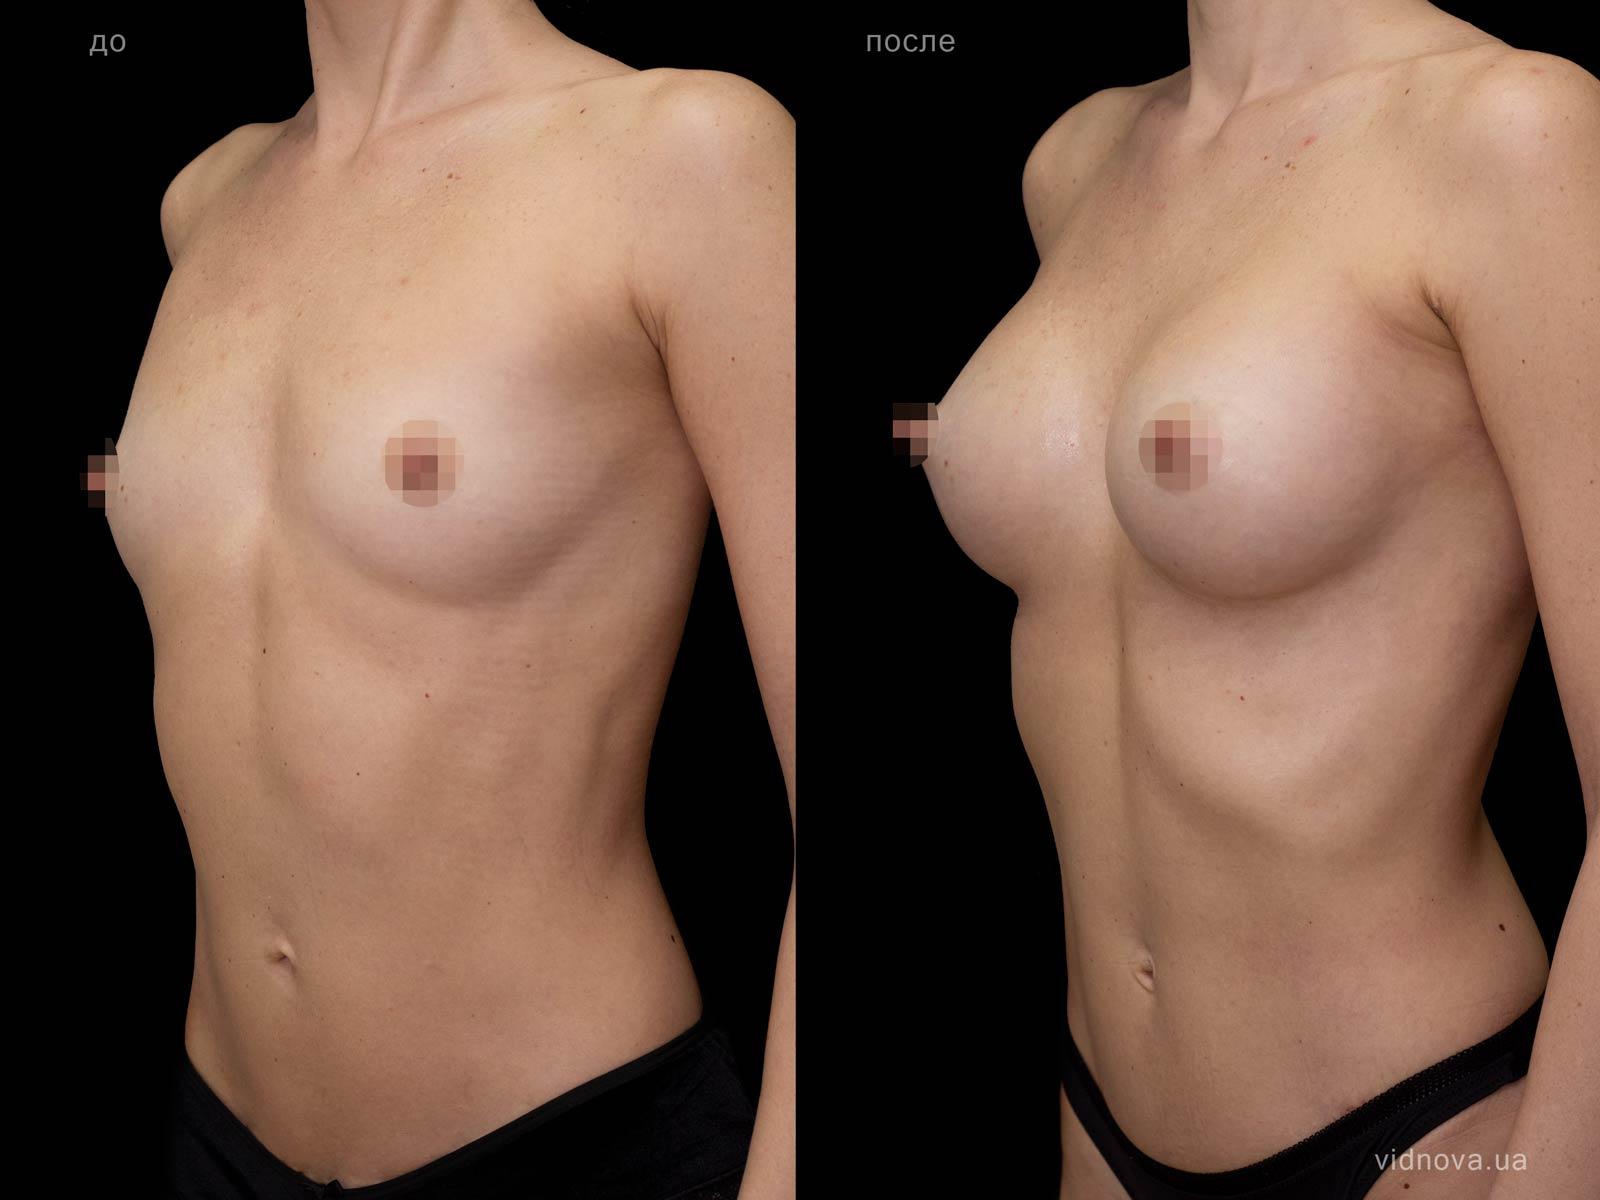 Пластика груди: результаты до и после - Пример №79-1 - Светлана Работенко